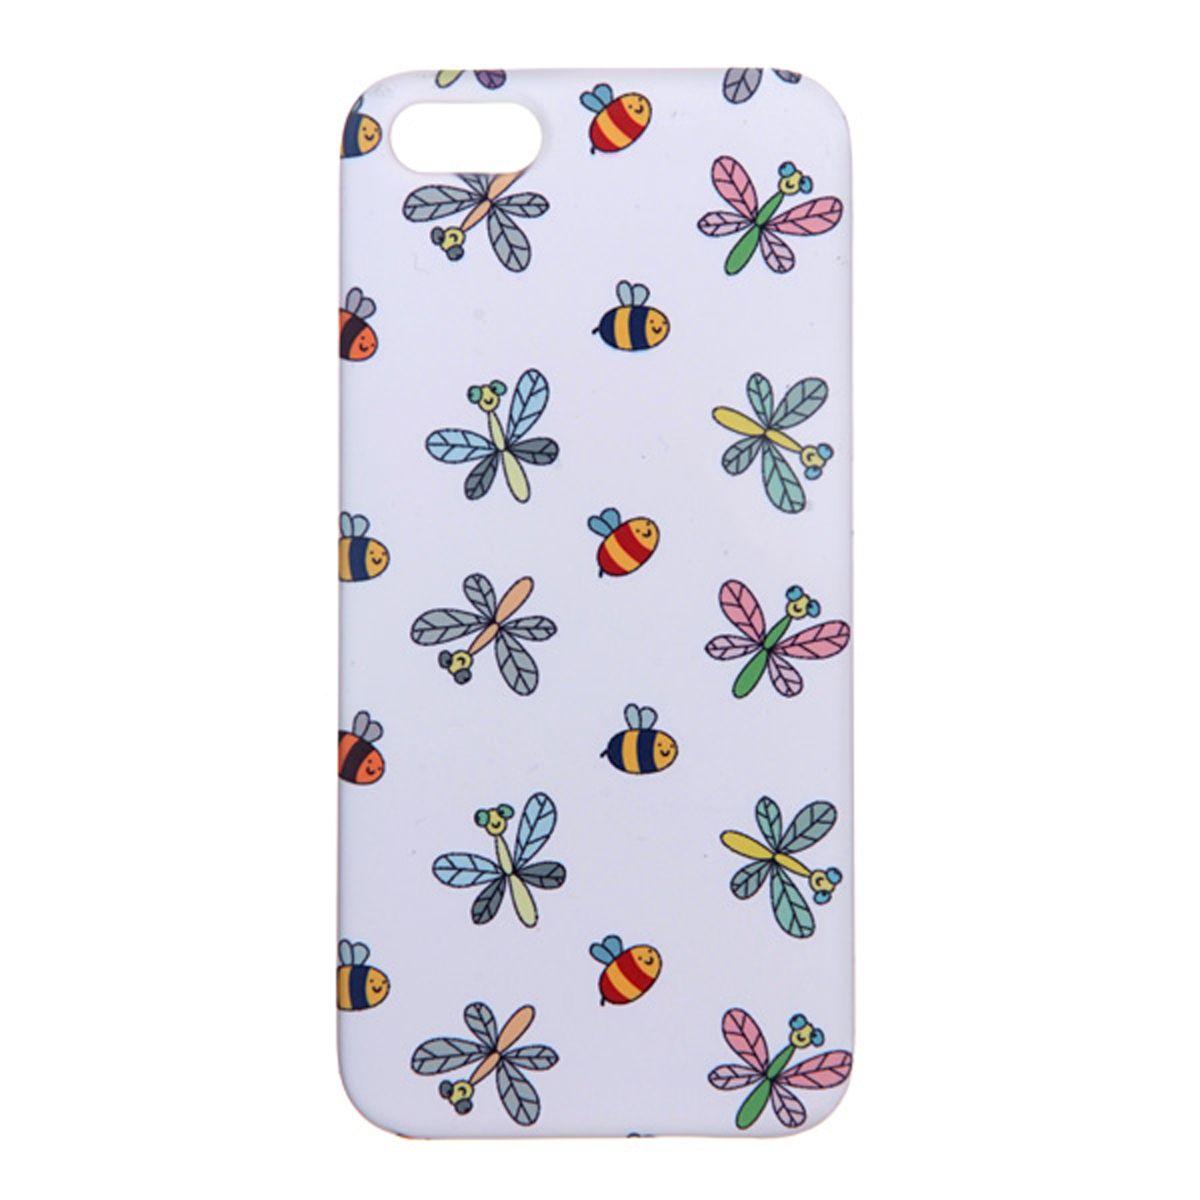 Mitya Veselkov Стрекозы и пчелки на белом чехол для Apple iPhone 5/5sIP5.МITYA-065Превосходный чехол Mitya Veselkov Стрекозы и пчелки на белом создан для любителей заметных аксессуаров. Накладка придаст вашему телефону индивидуальность и послужит прекрасной защитой от ударов и царапин. Чехол также обеспечивает свободный доступ ко всем разъемам и клавишам устройства.